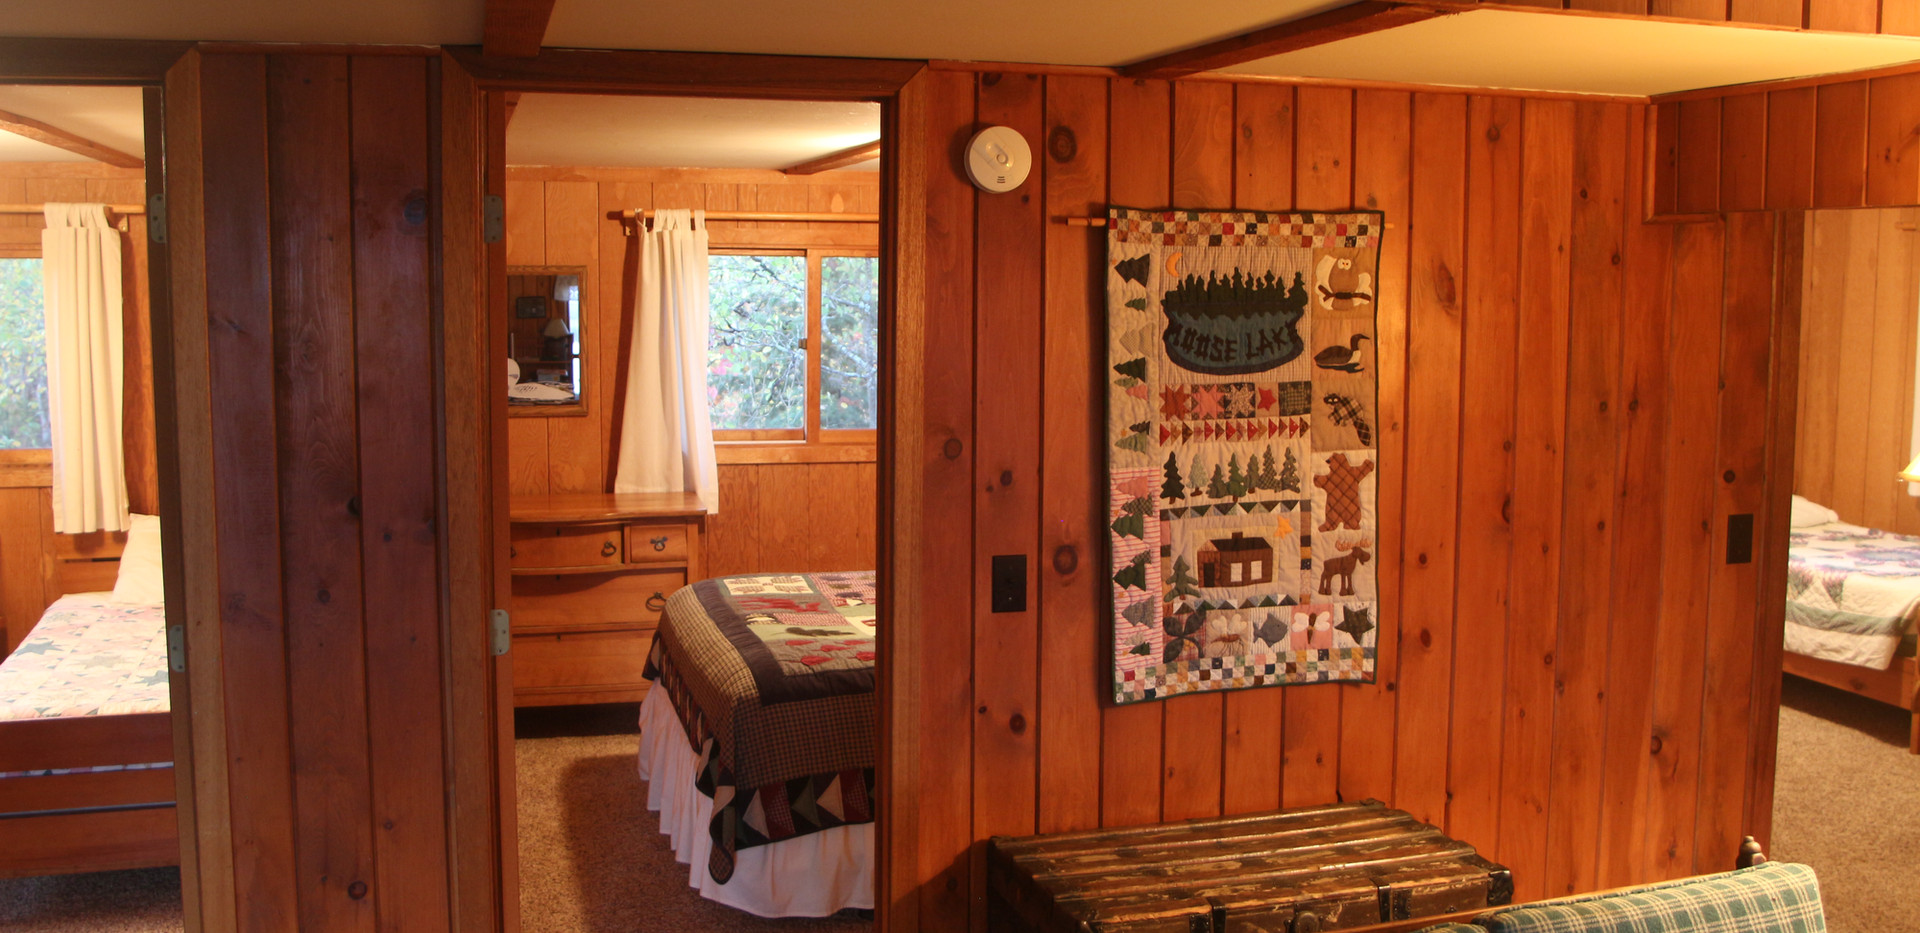 Kirk's Bedroom's